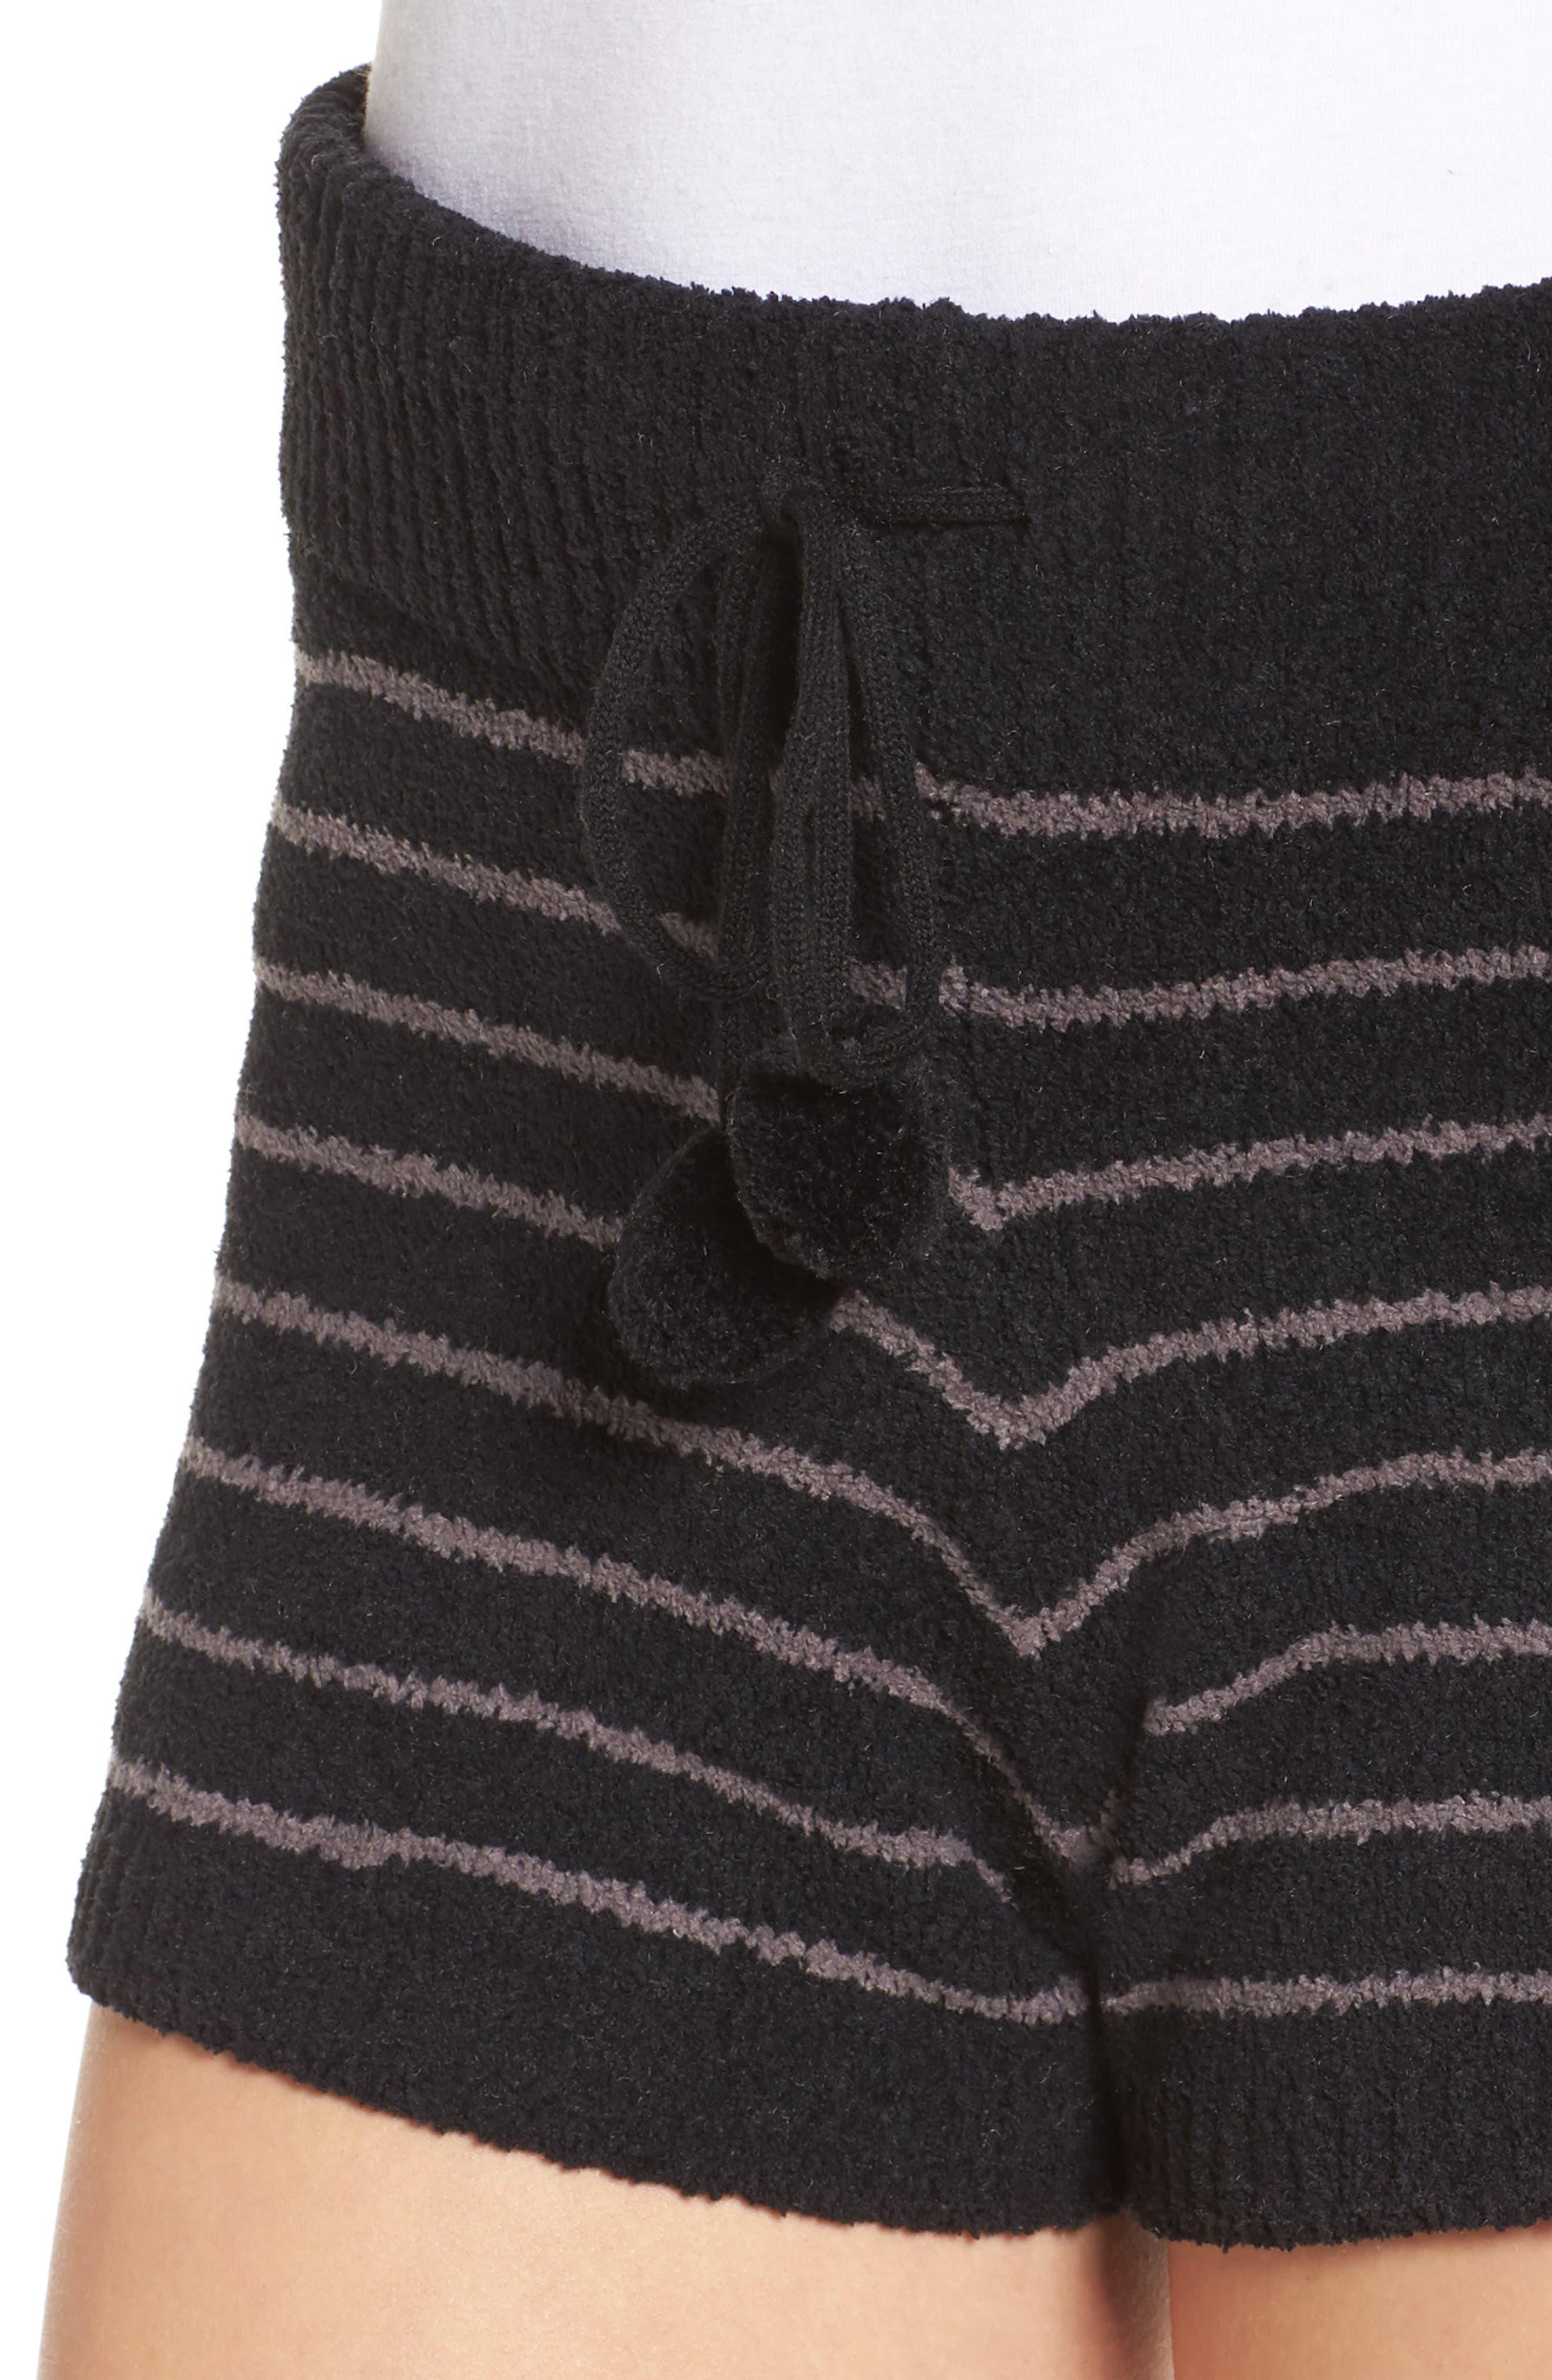 Marshmallow Lounge Shorts,                             Alternate thumbnail 4, color,                             001